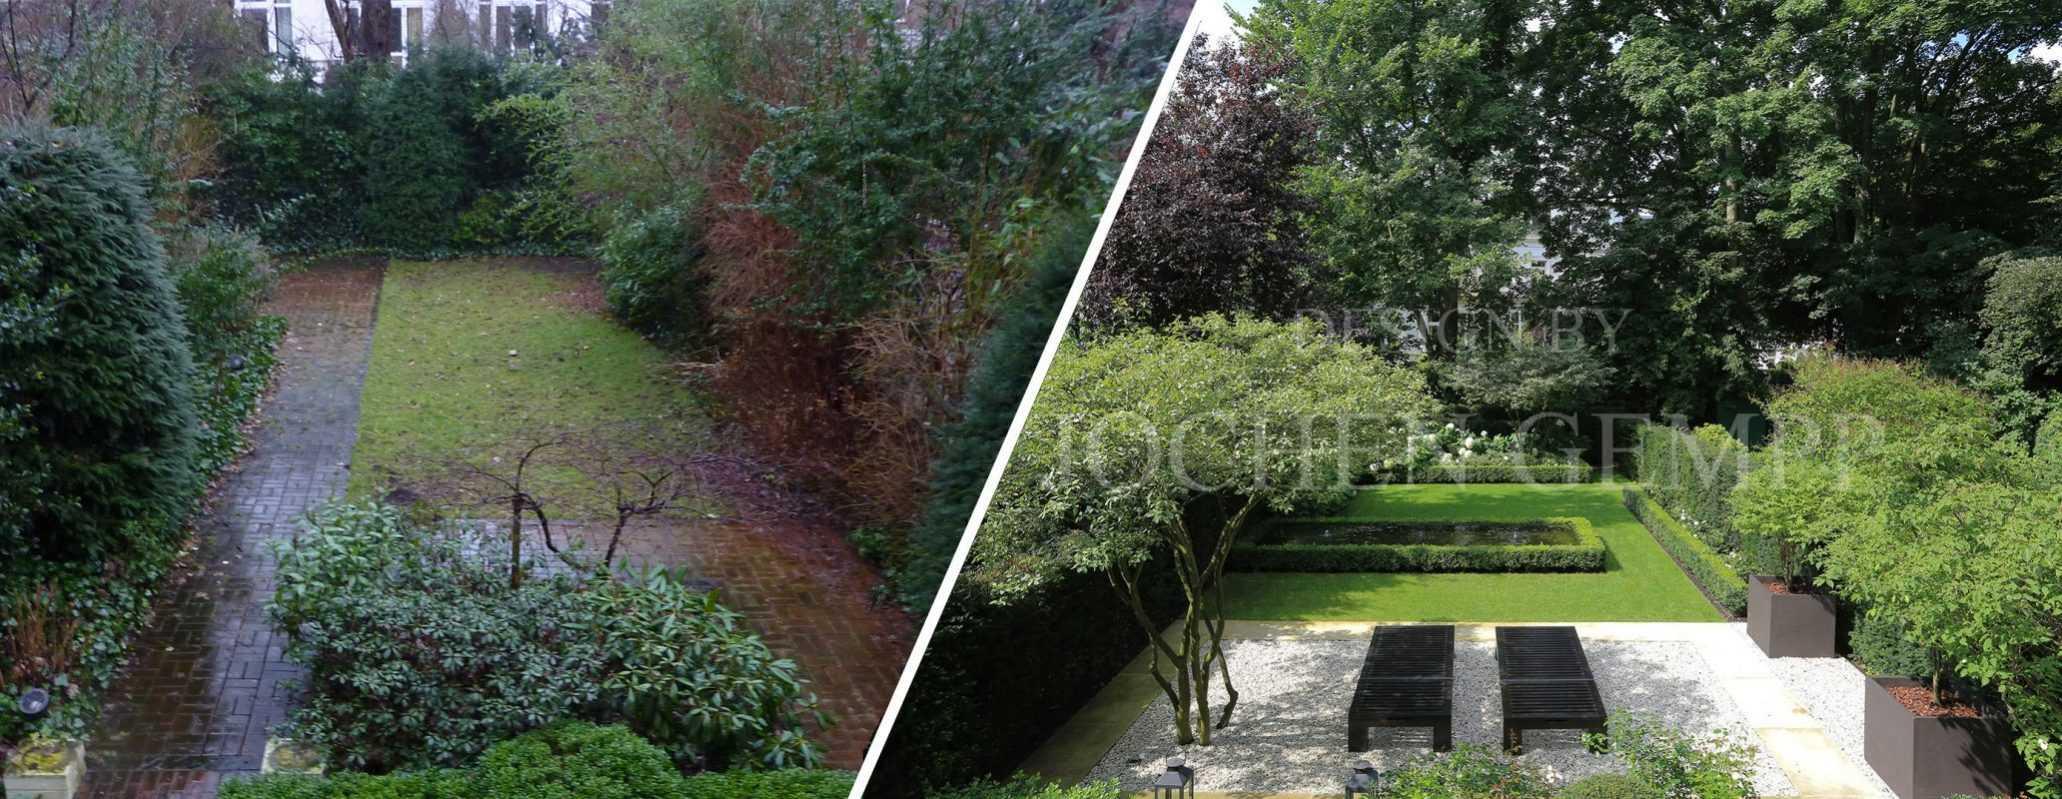 Gartenfotos Bilder Gartengestaltung Gartenplanung vorher nachher Bildergalerie